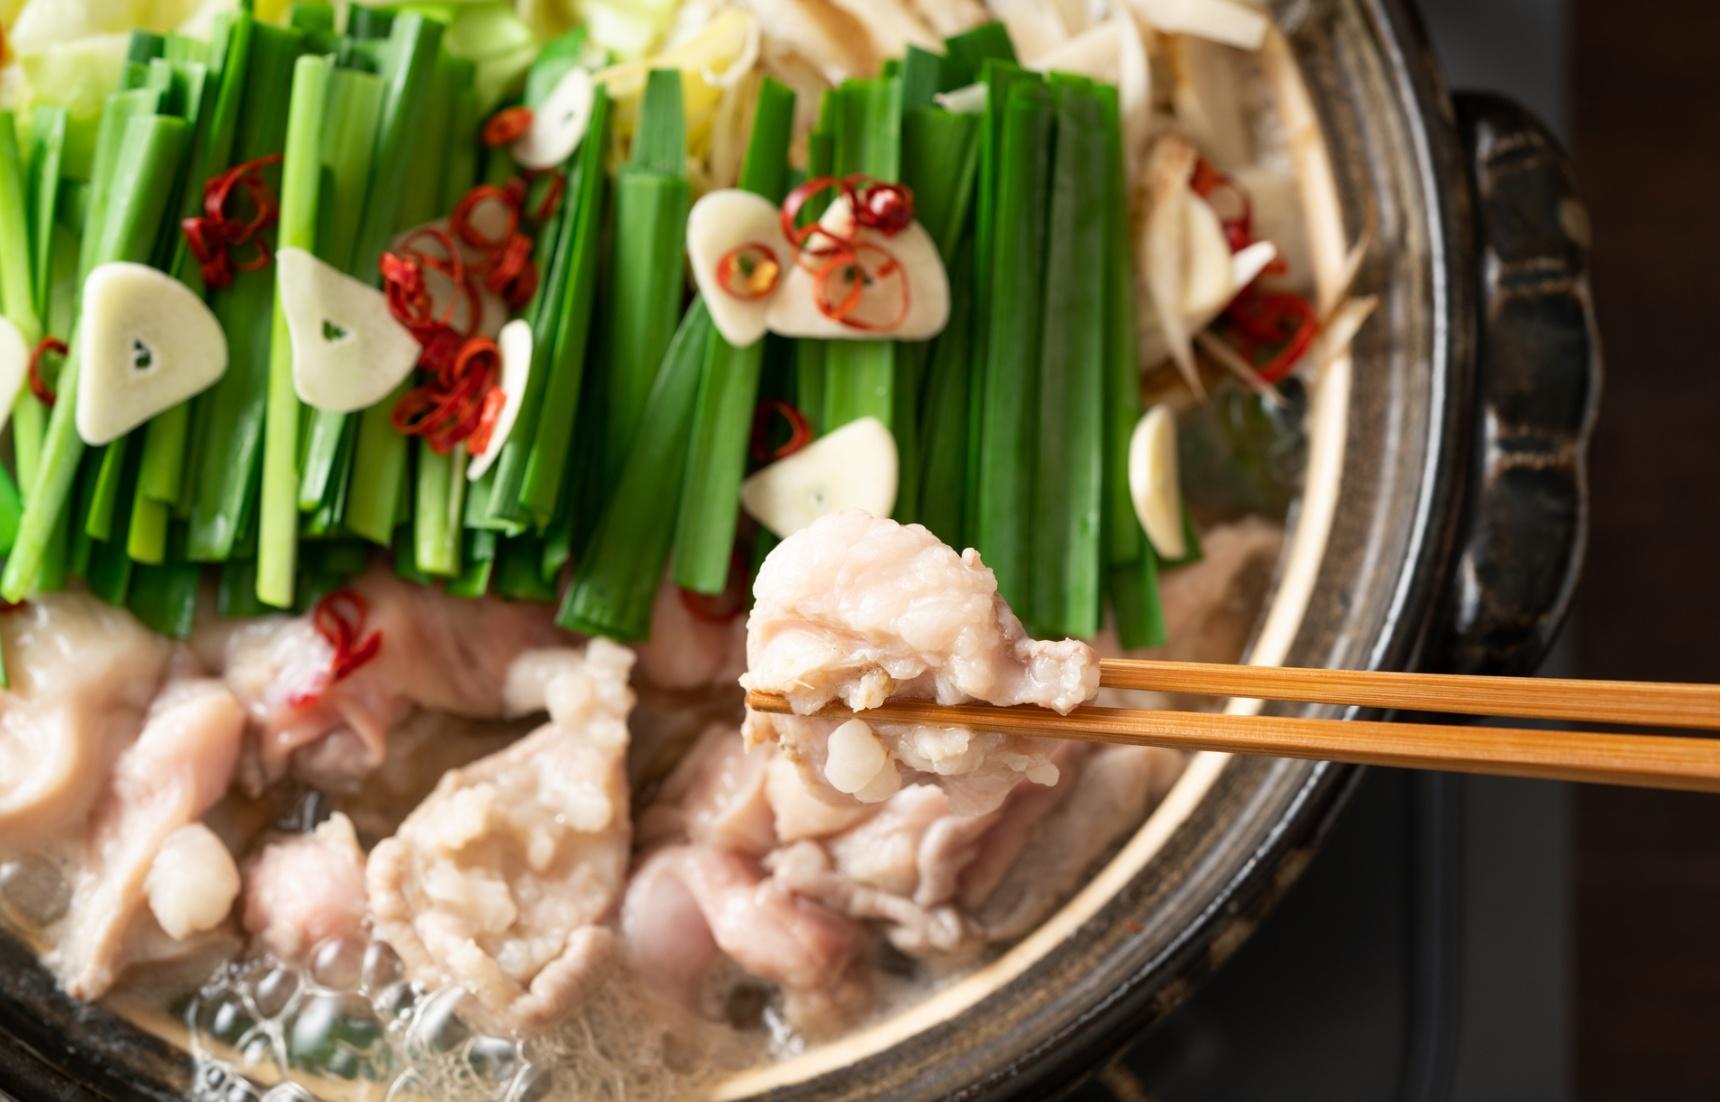 """深度日本:别说你也吃过!快来看日料里那些""""奇奇怪怪""""名字的菜"""